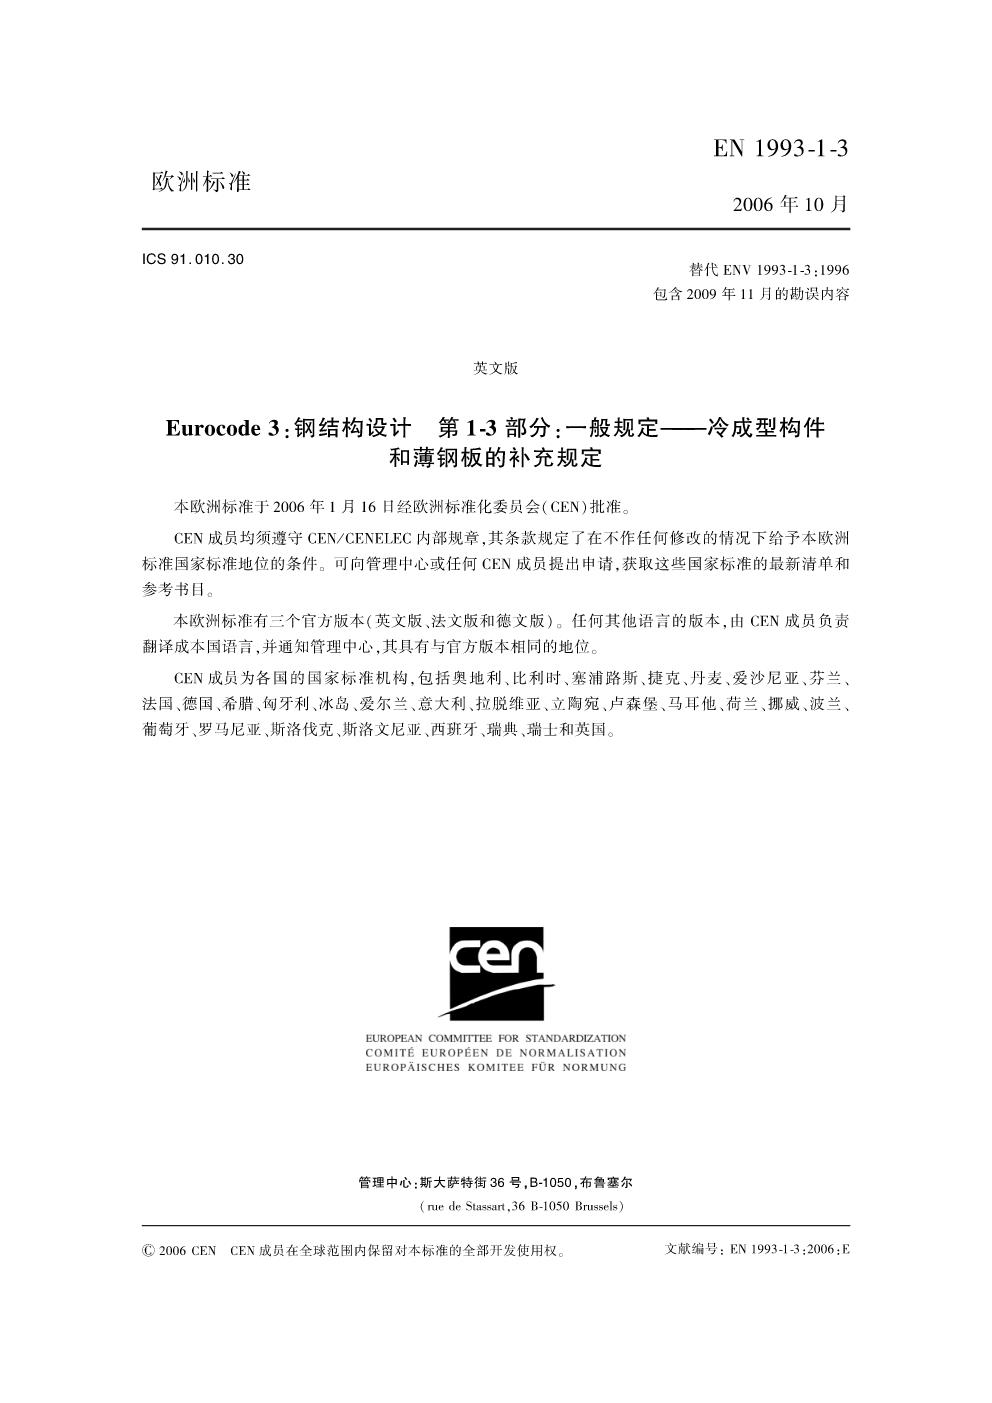 欧洲标准-钢结构设计第1-3部分:一般规定——冷成型构件和薄钢板的补充规定-BS-EN-1993-1-3:2006-Page-009